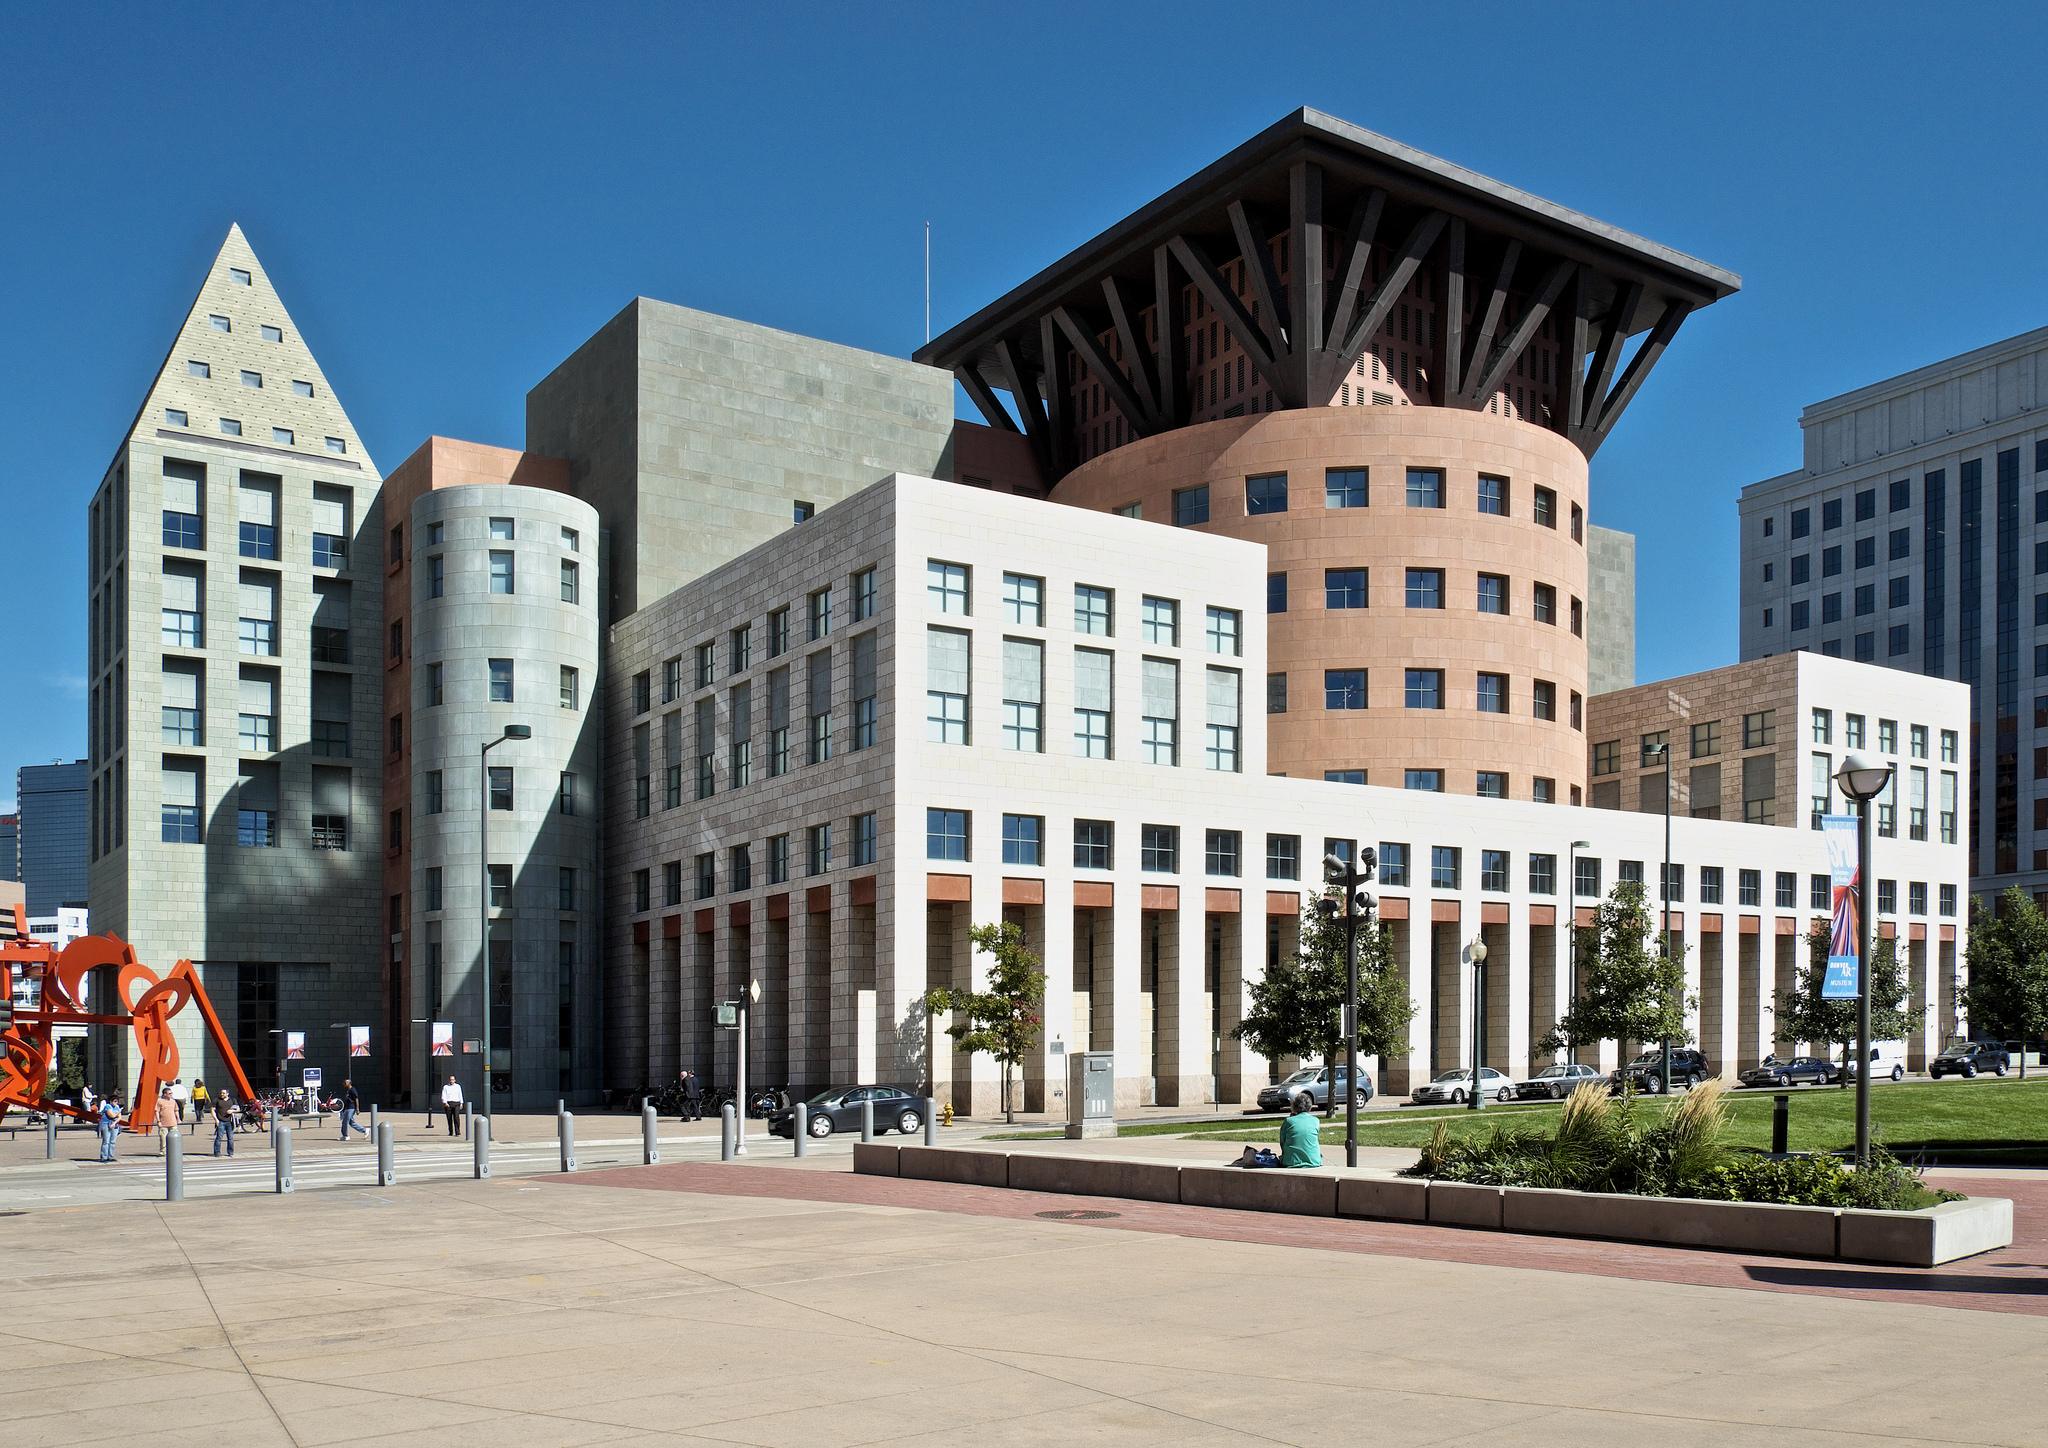 Denver Public Library Michael Graves 1995 8